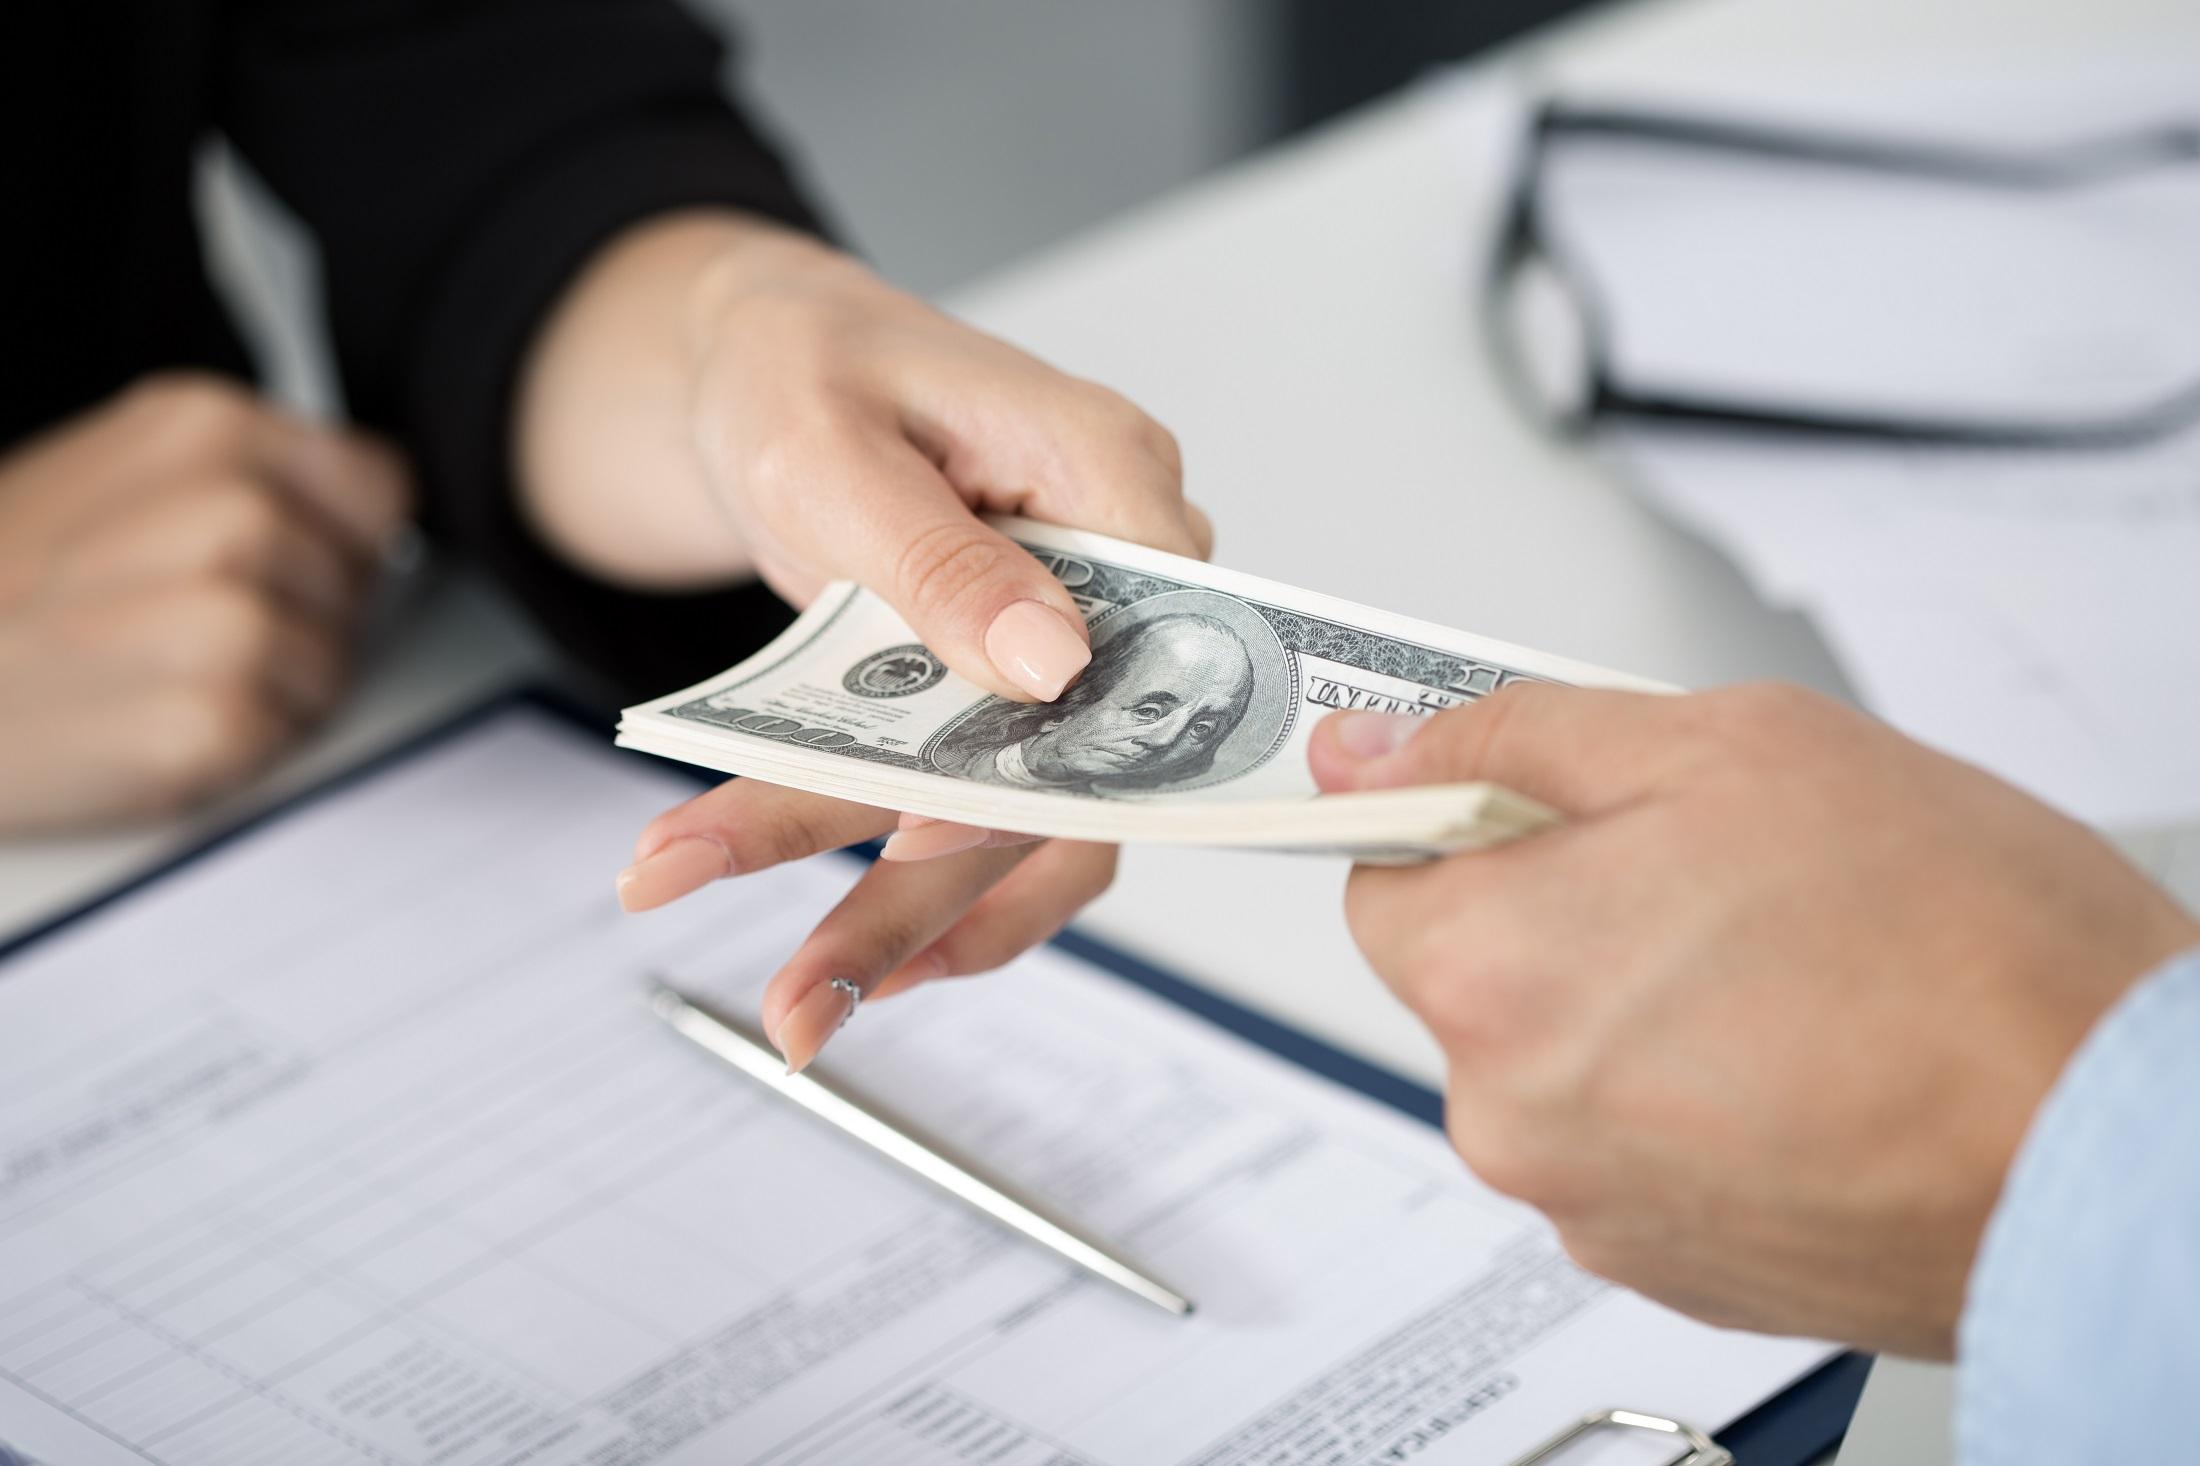 online loan advance